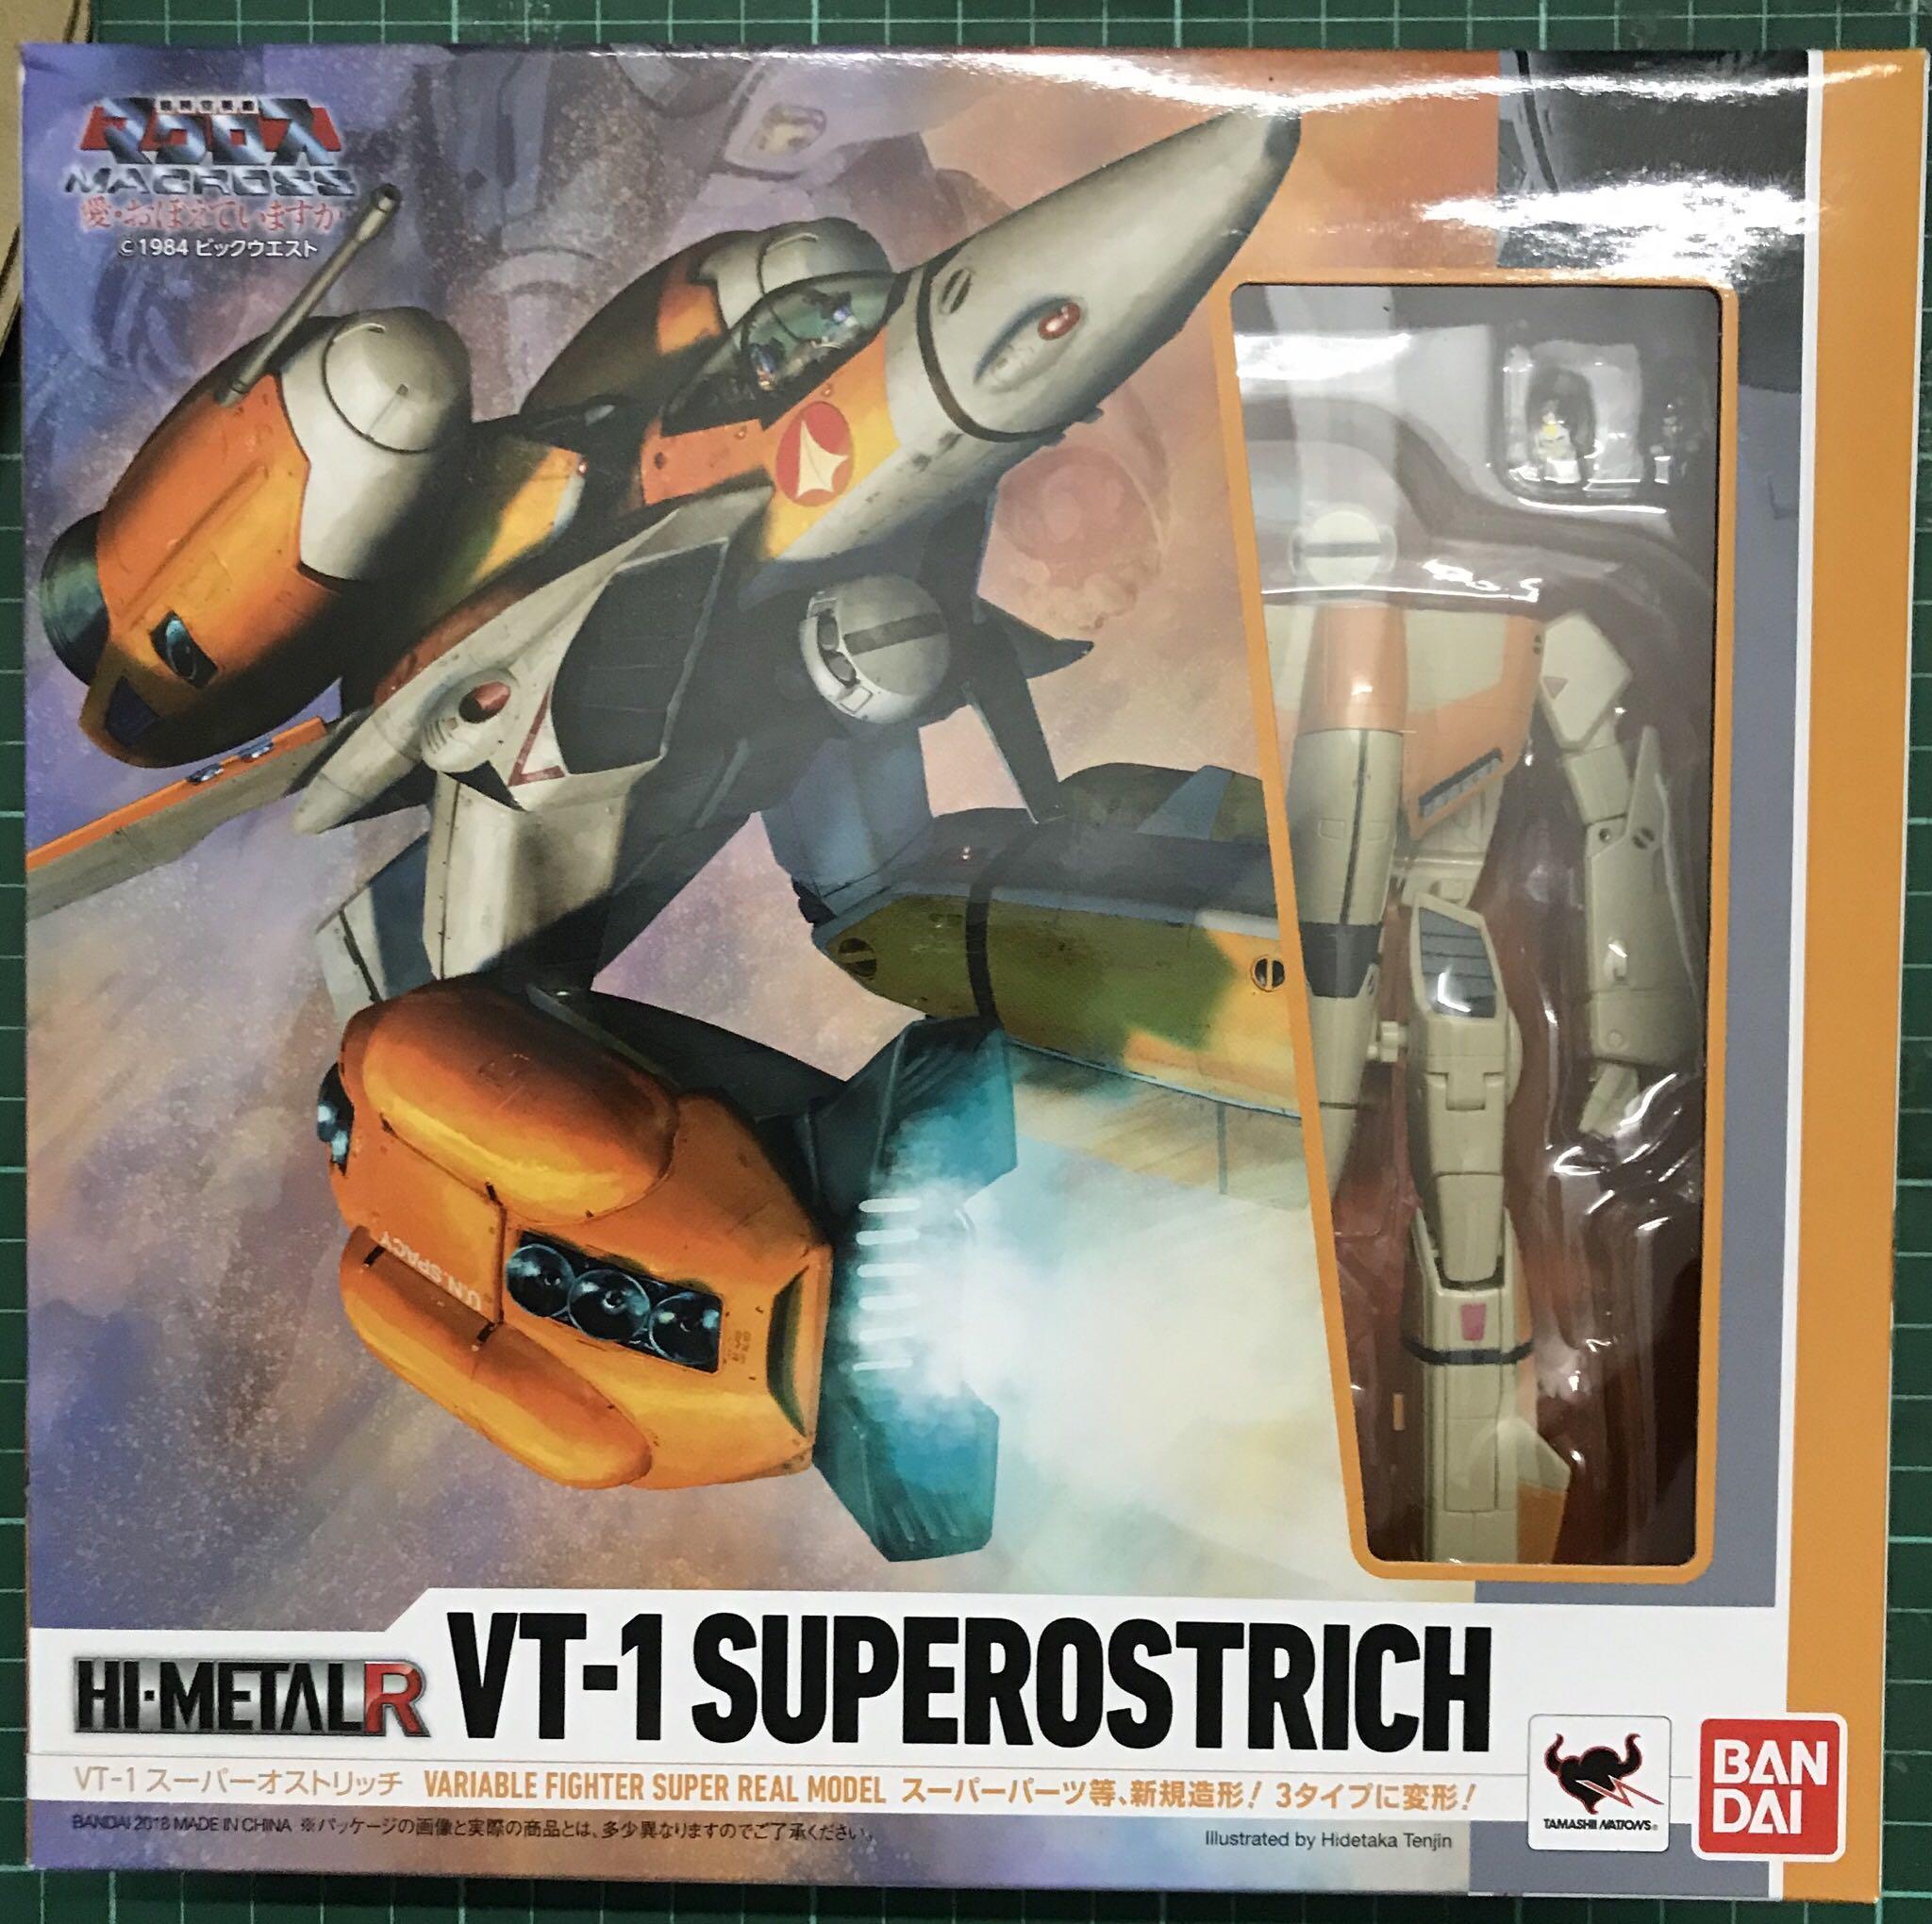 Товар в наличии Десять тысяч поколение HI-METAL R Space Fortress Макрос VT-1 двухместный тренер